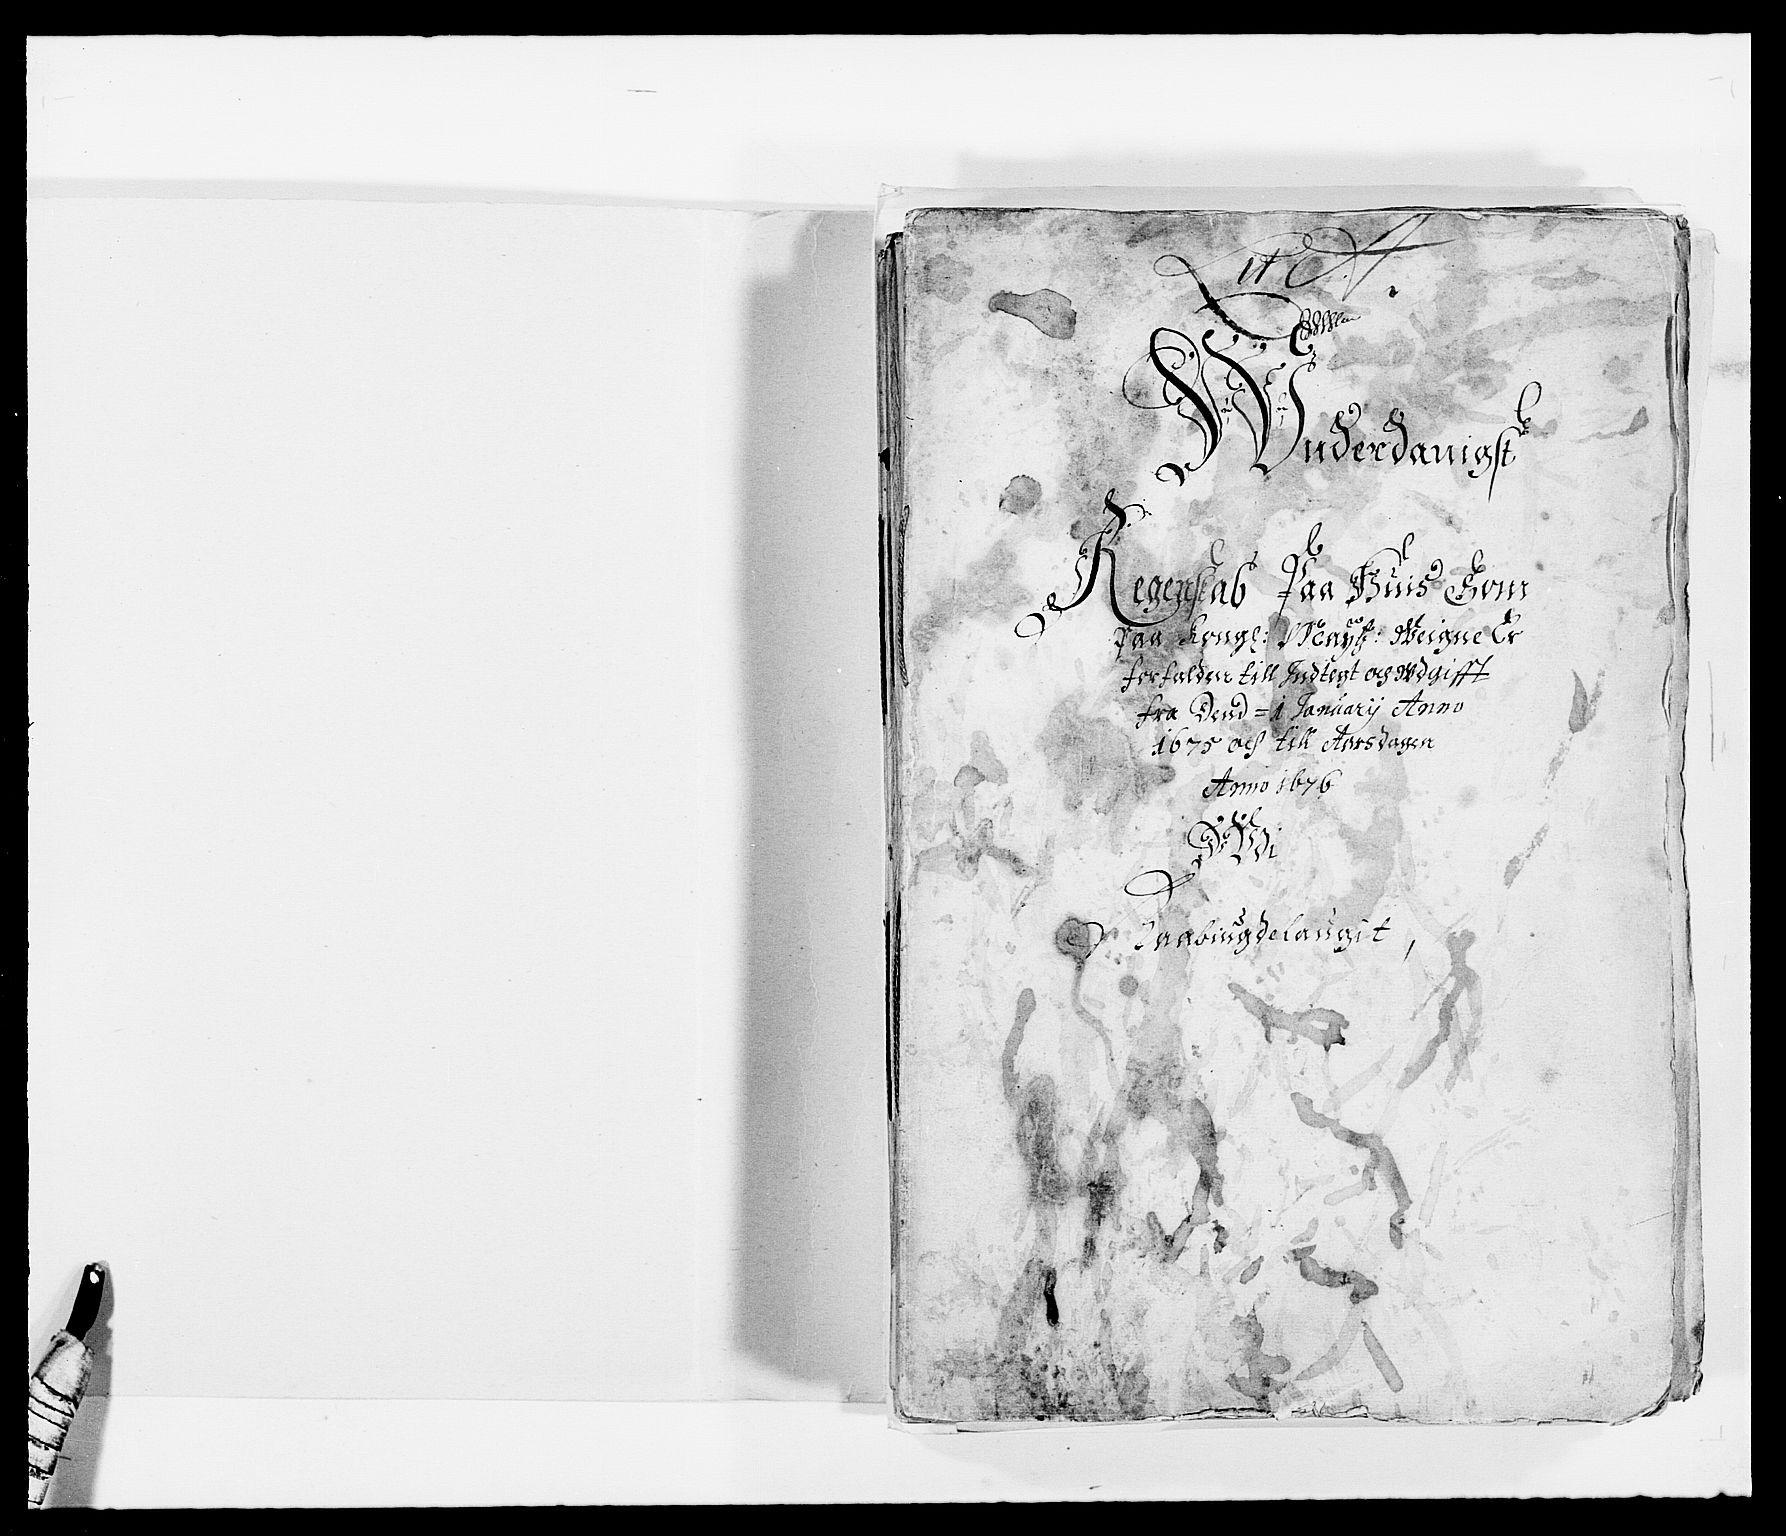 RA, Rentekammeret inntil 1814, Reviderte regnskaper, Fogderegnskap, R40/L2434: Fogderegnskap Råbyggelag, 1675-1676, s. 2